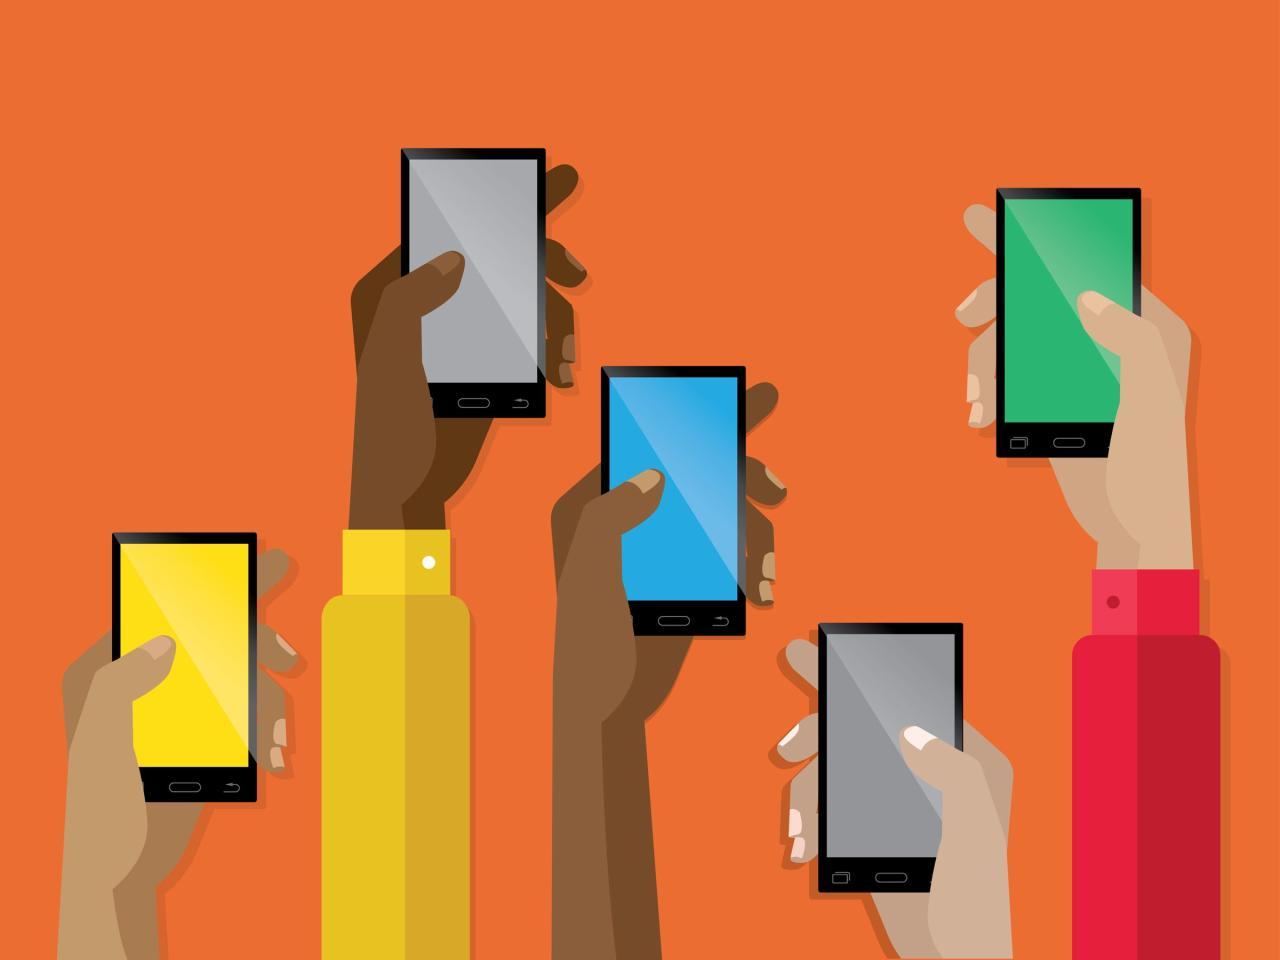 Самсунг выпустила мобильноеПО для экономии трафика MAX